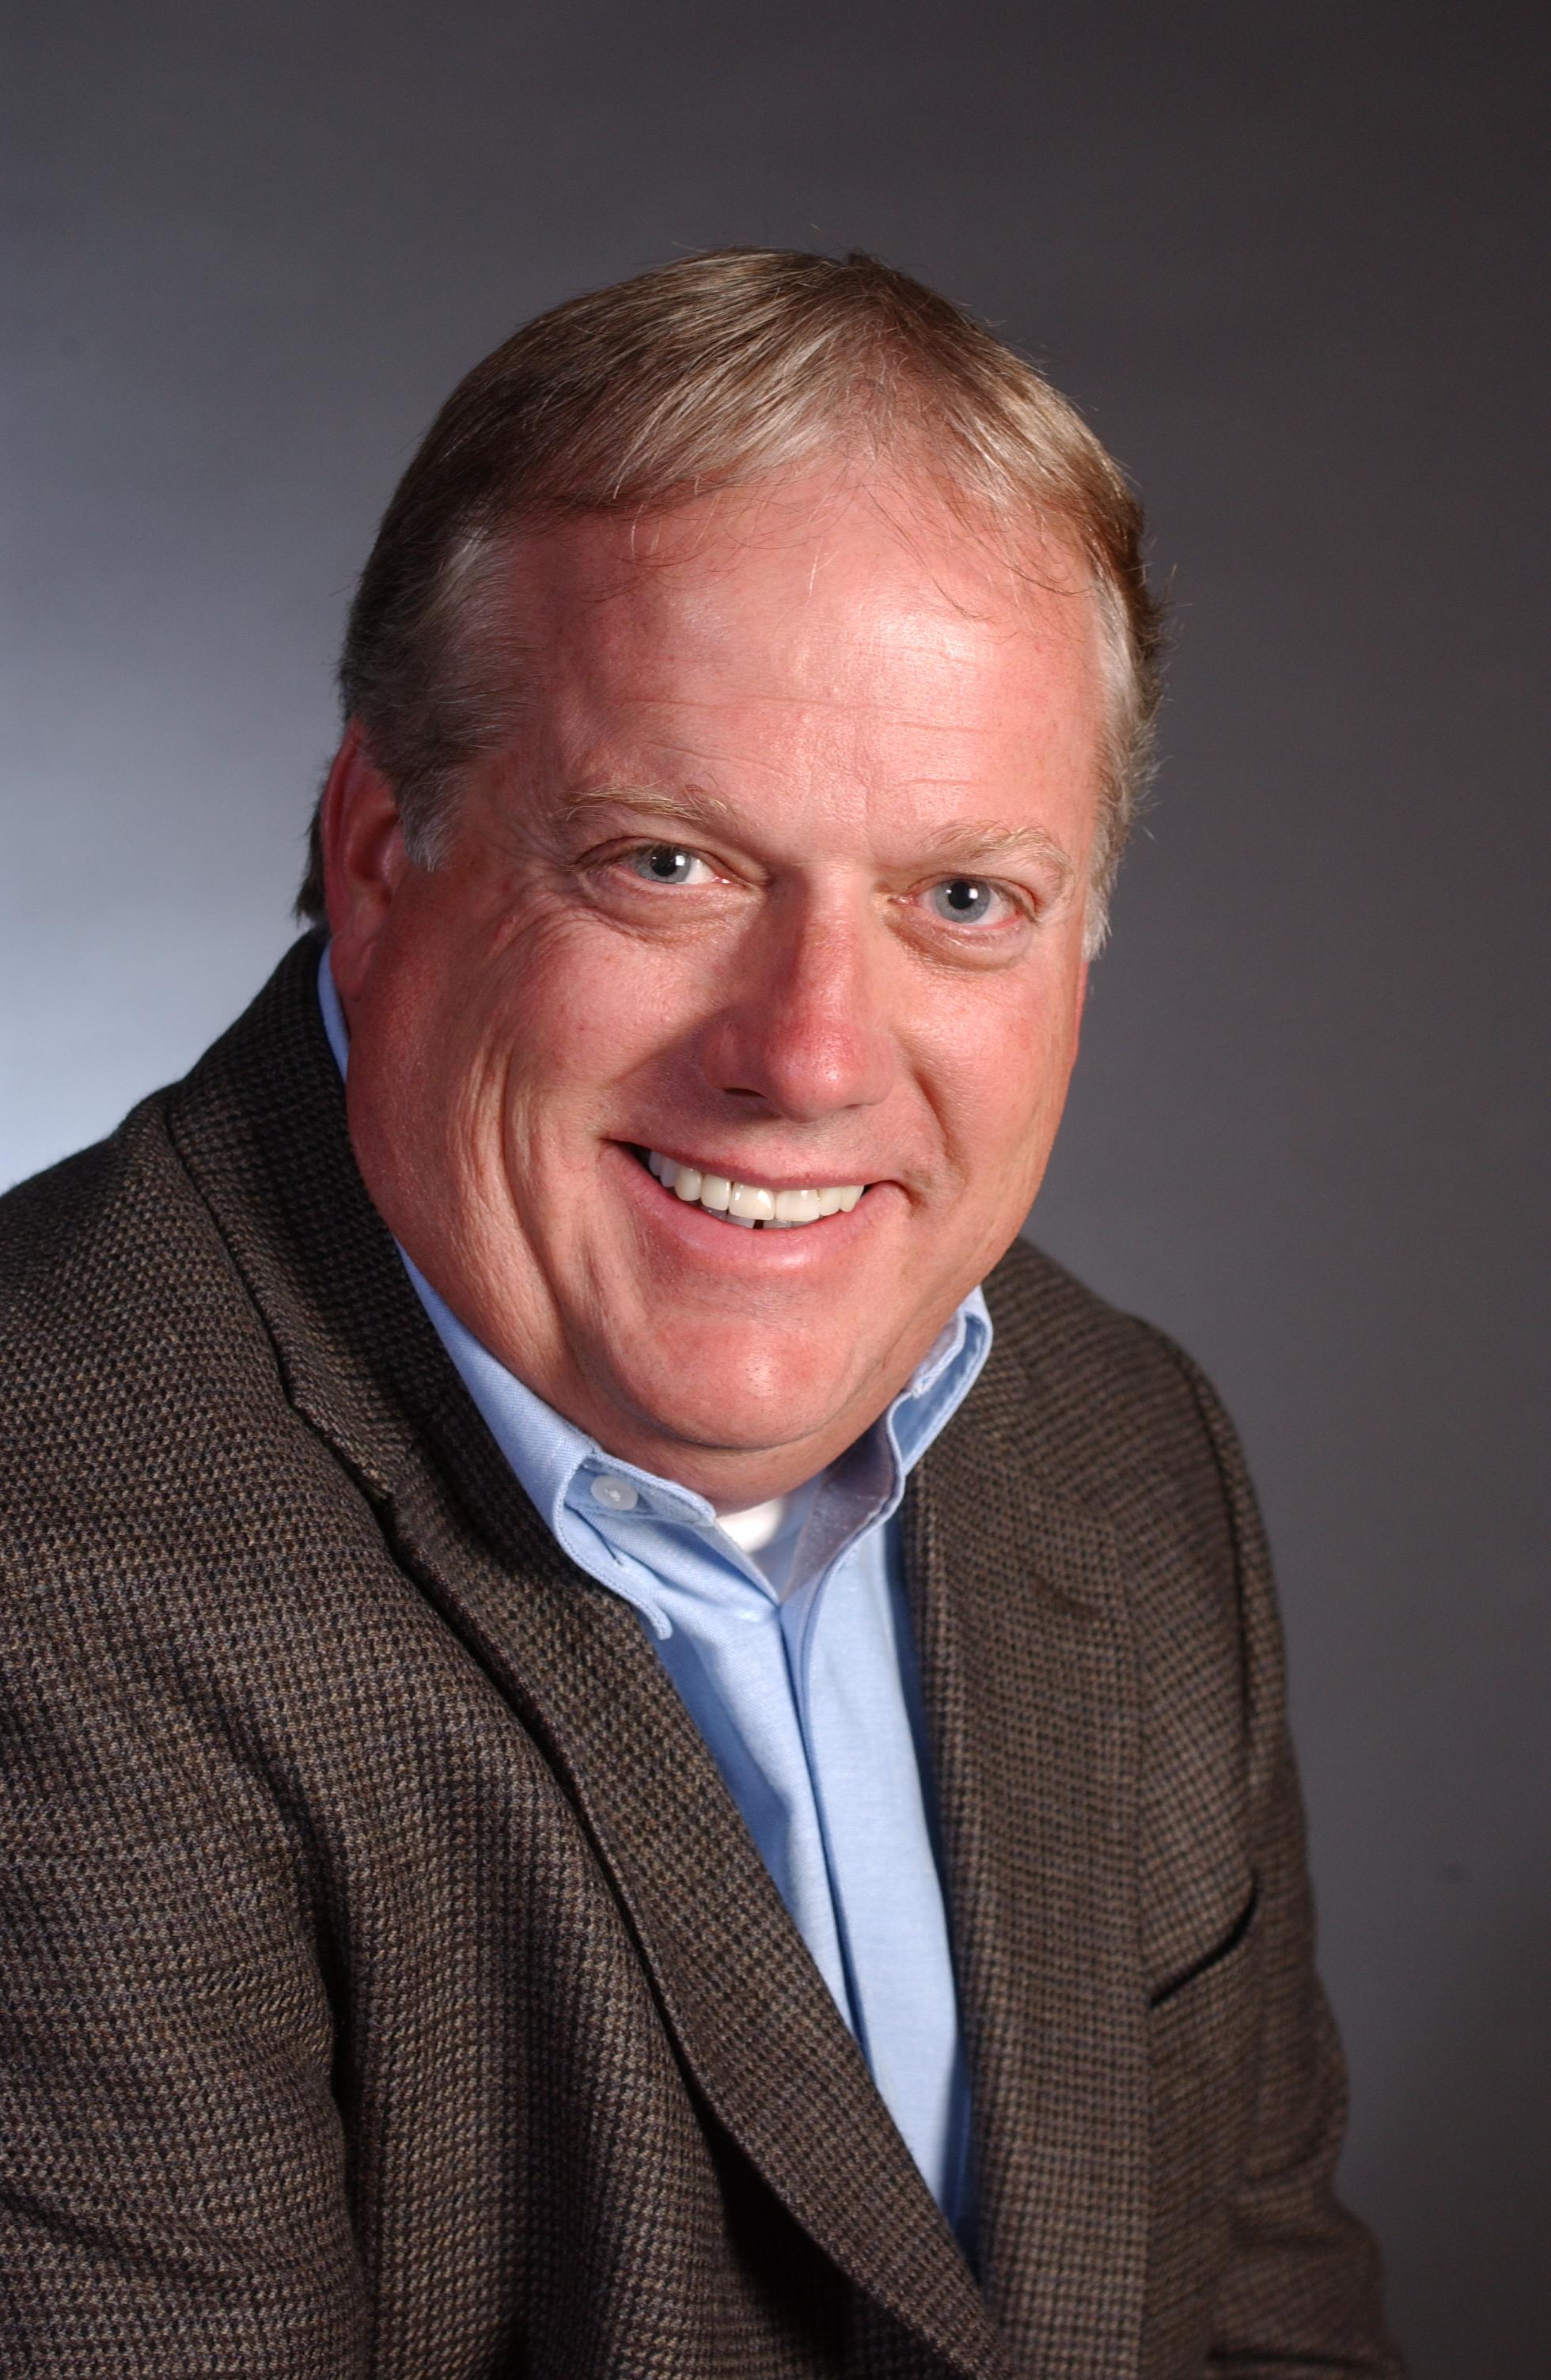 Gary Truesdale Headshot